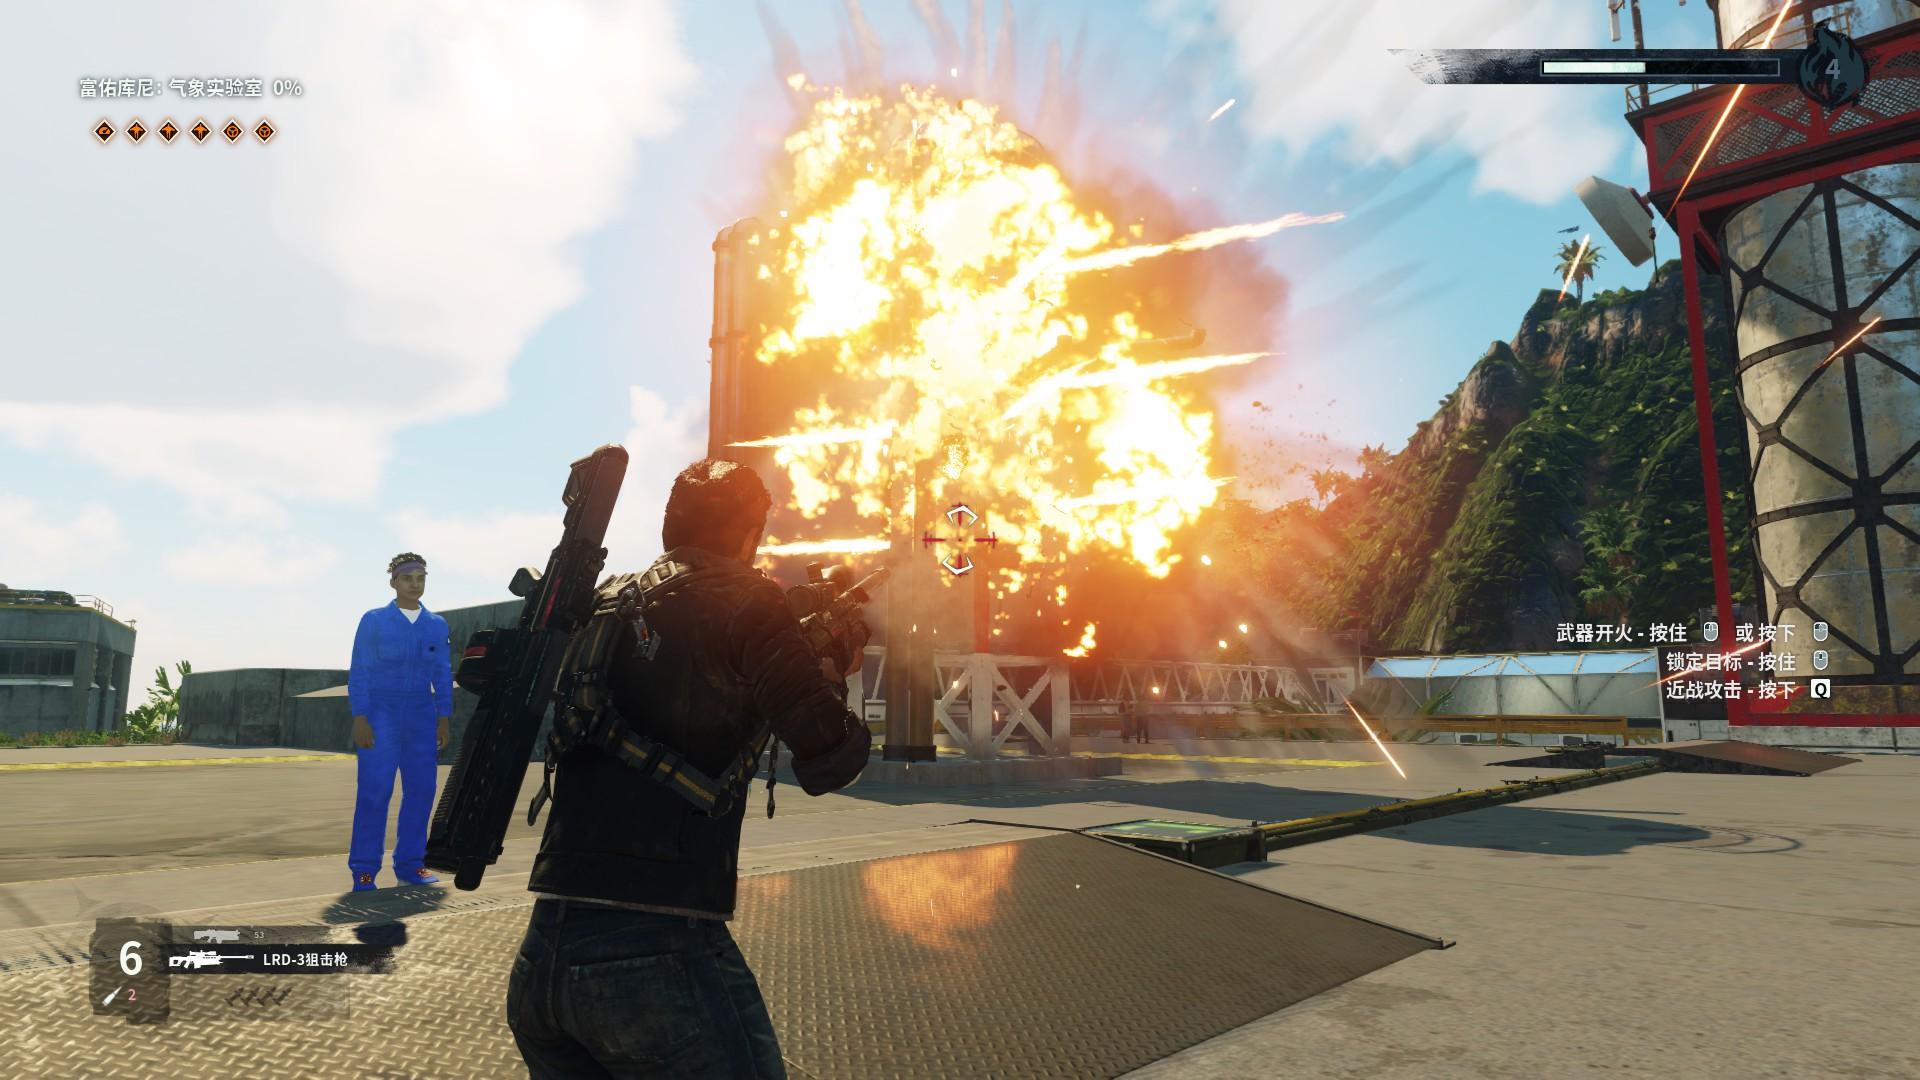 《正当防卫4》评测:爆炸的艺术没有在这里得到升华